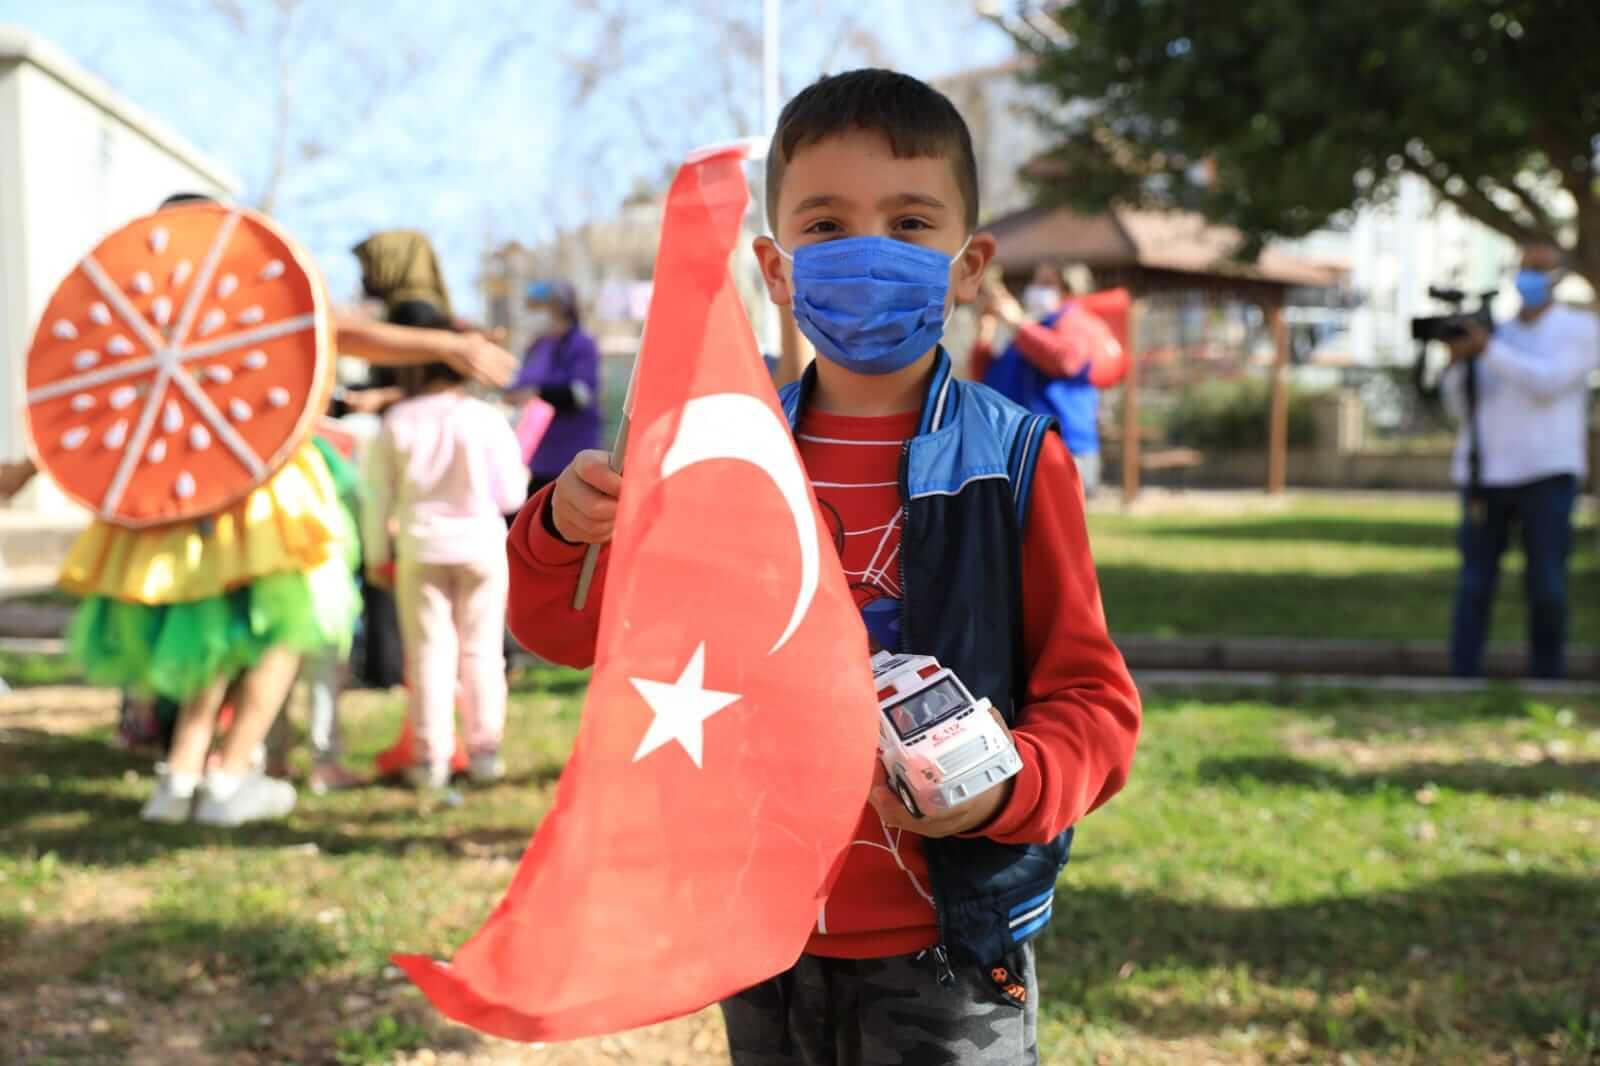 Büyükşehir Belediyesi 23 Nisan Çocuk Şenliği düzenliyor